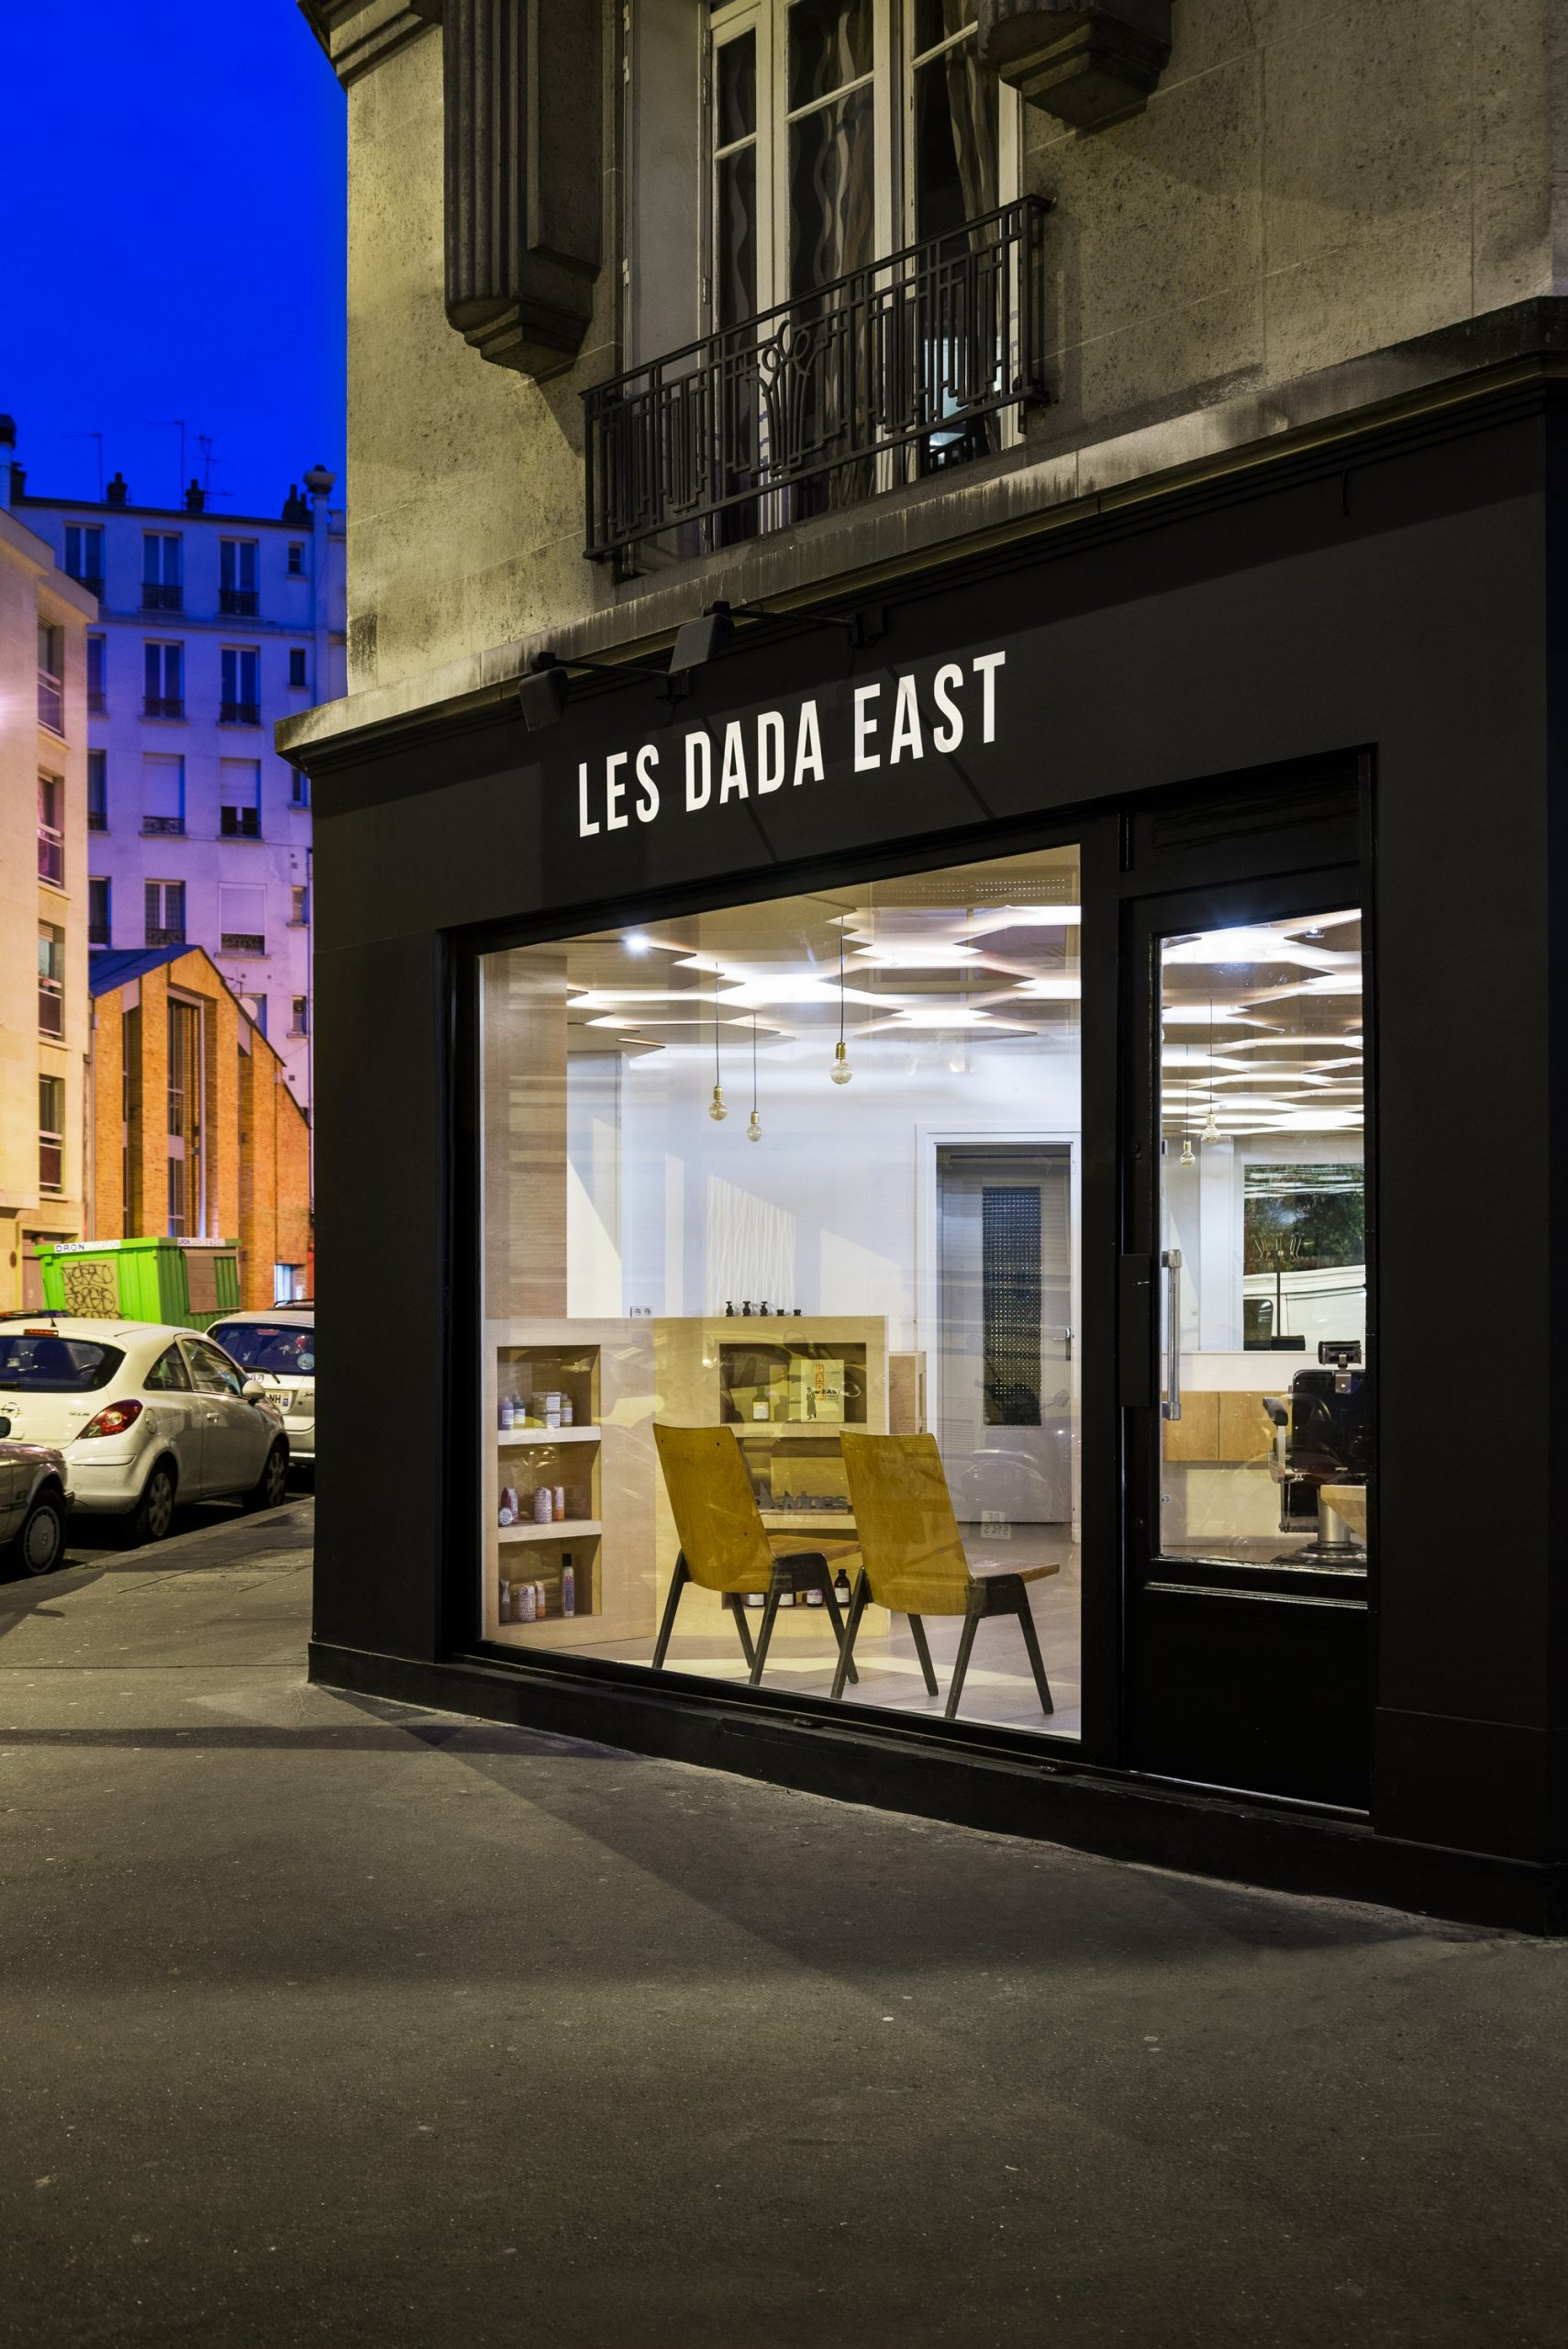 JFASTUDIO - Les Dada East